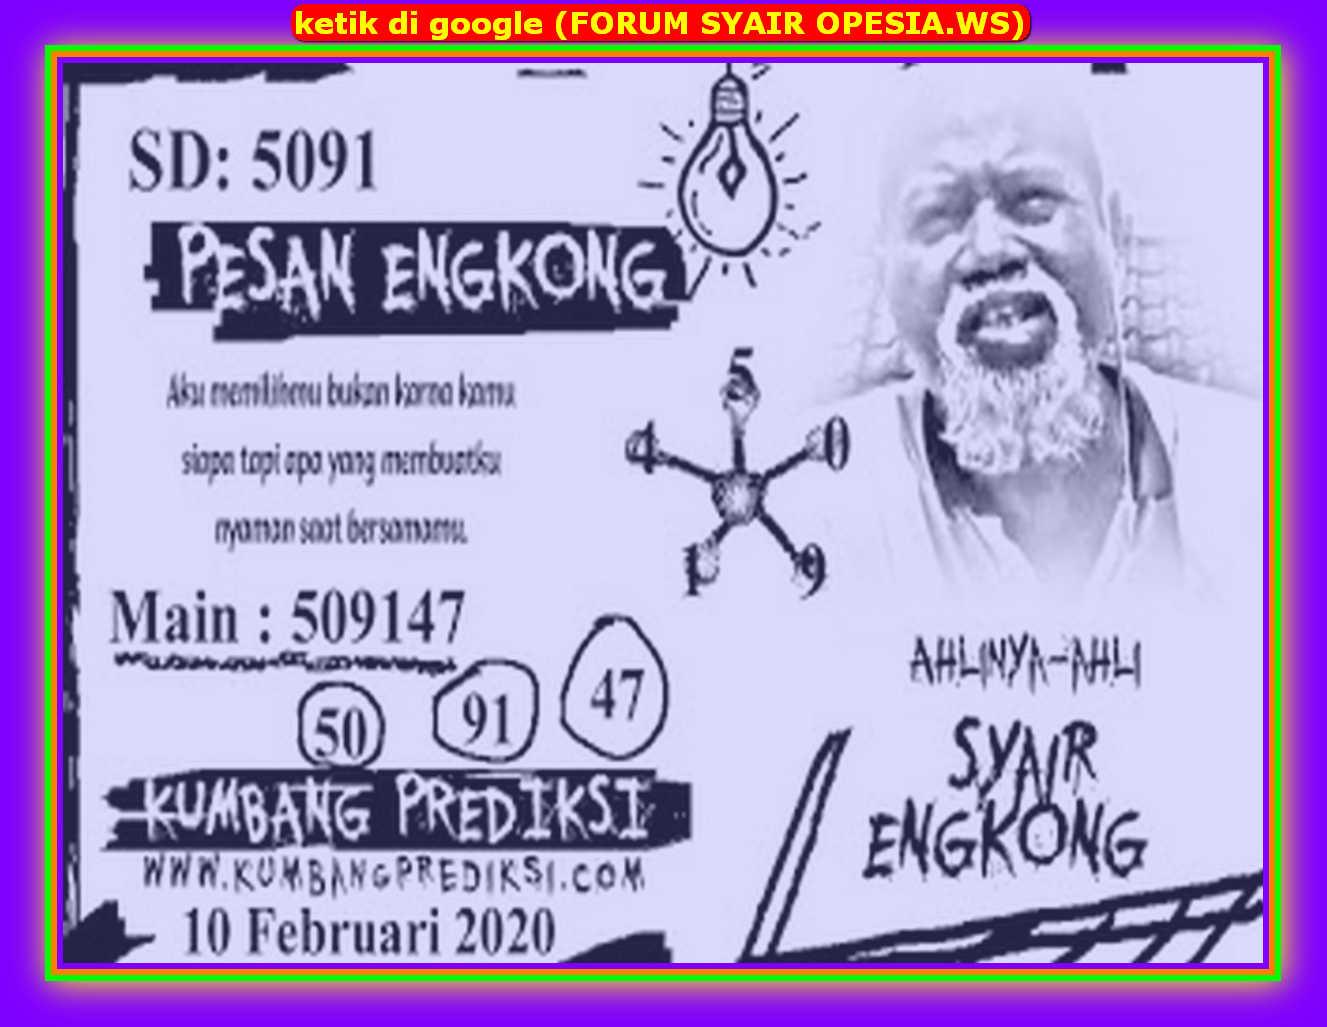 Kode syair Sydney Senin 10 Februari 2020 65